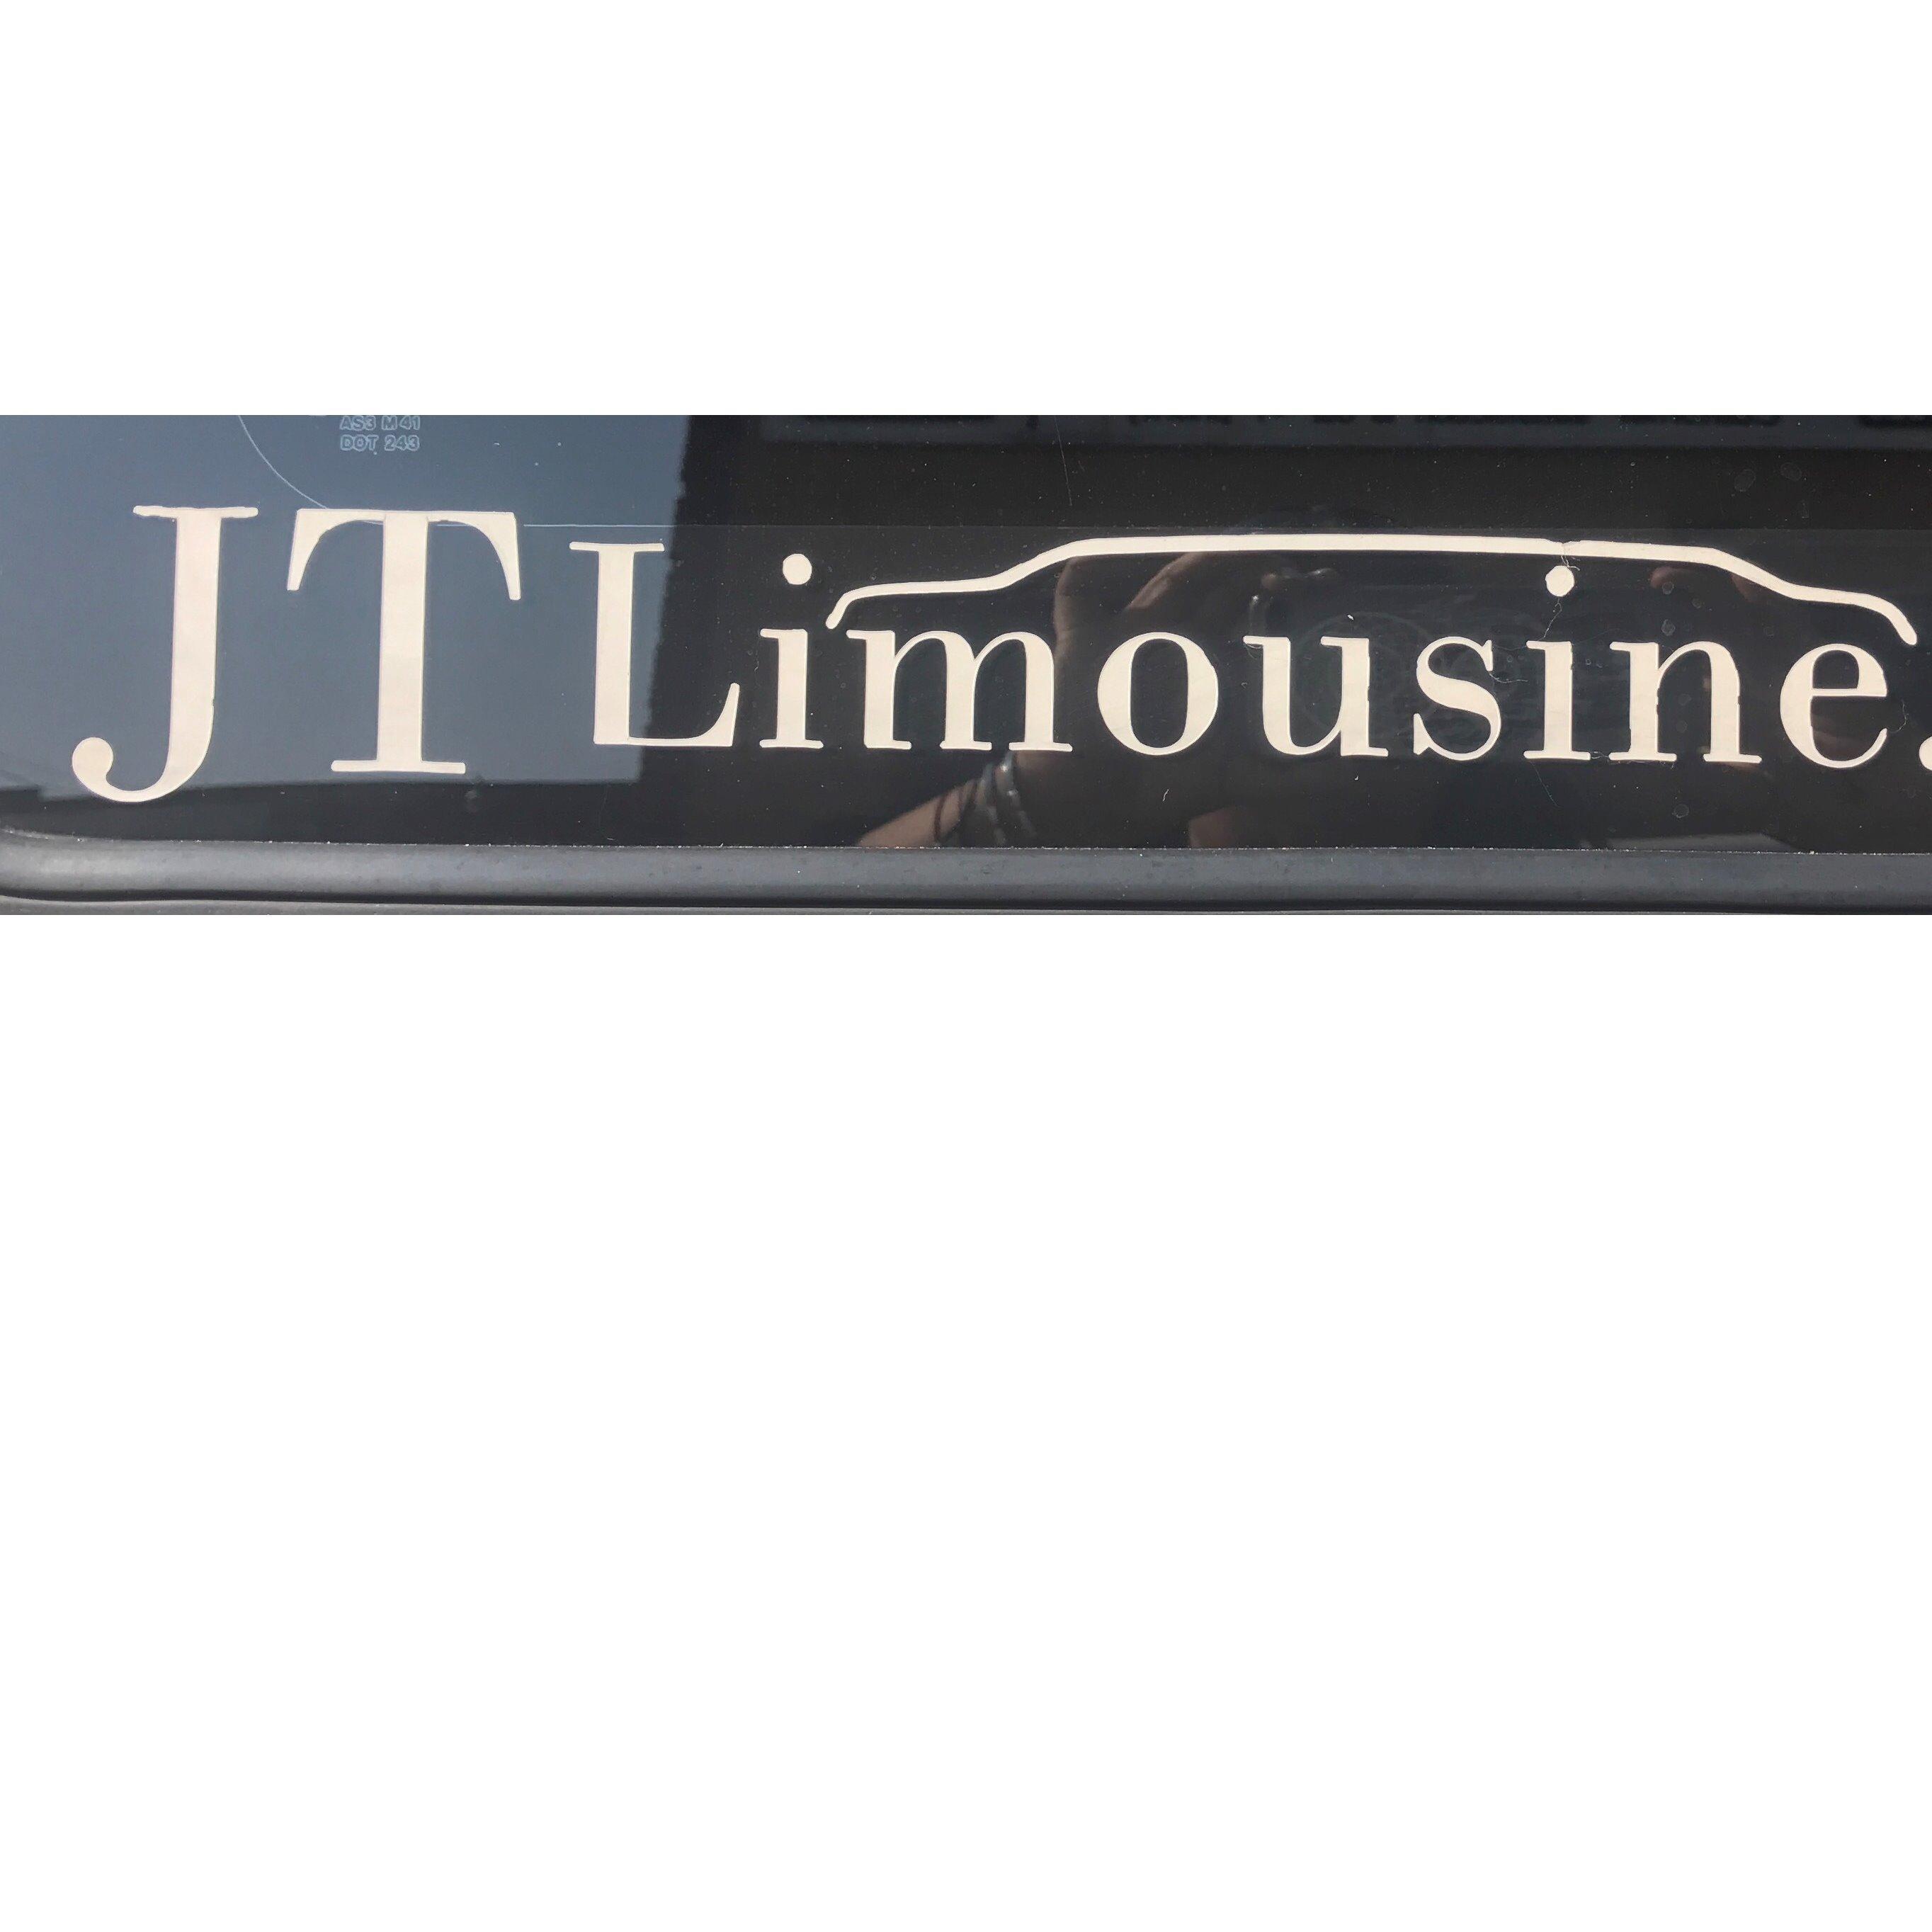 JT Limousine